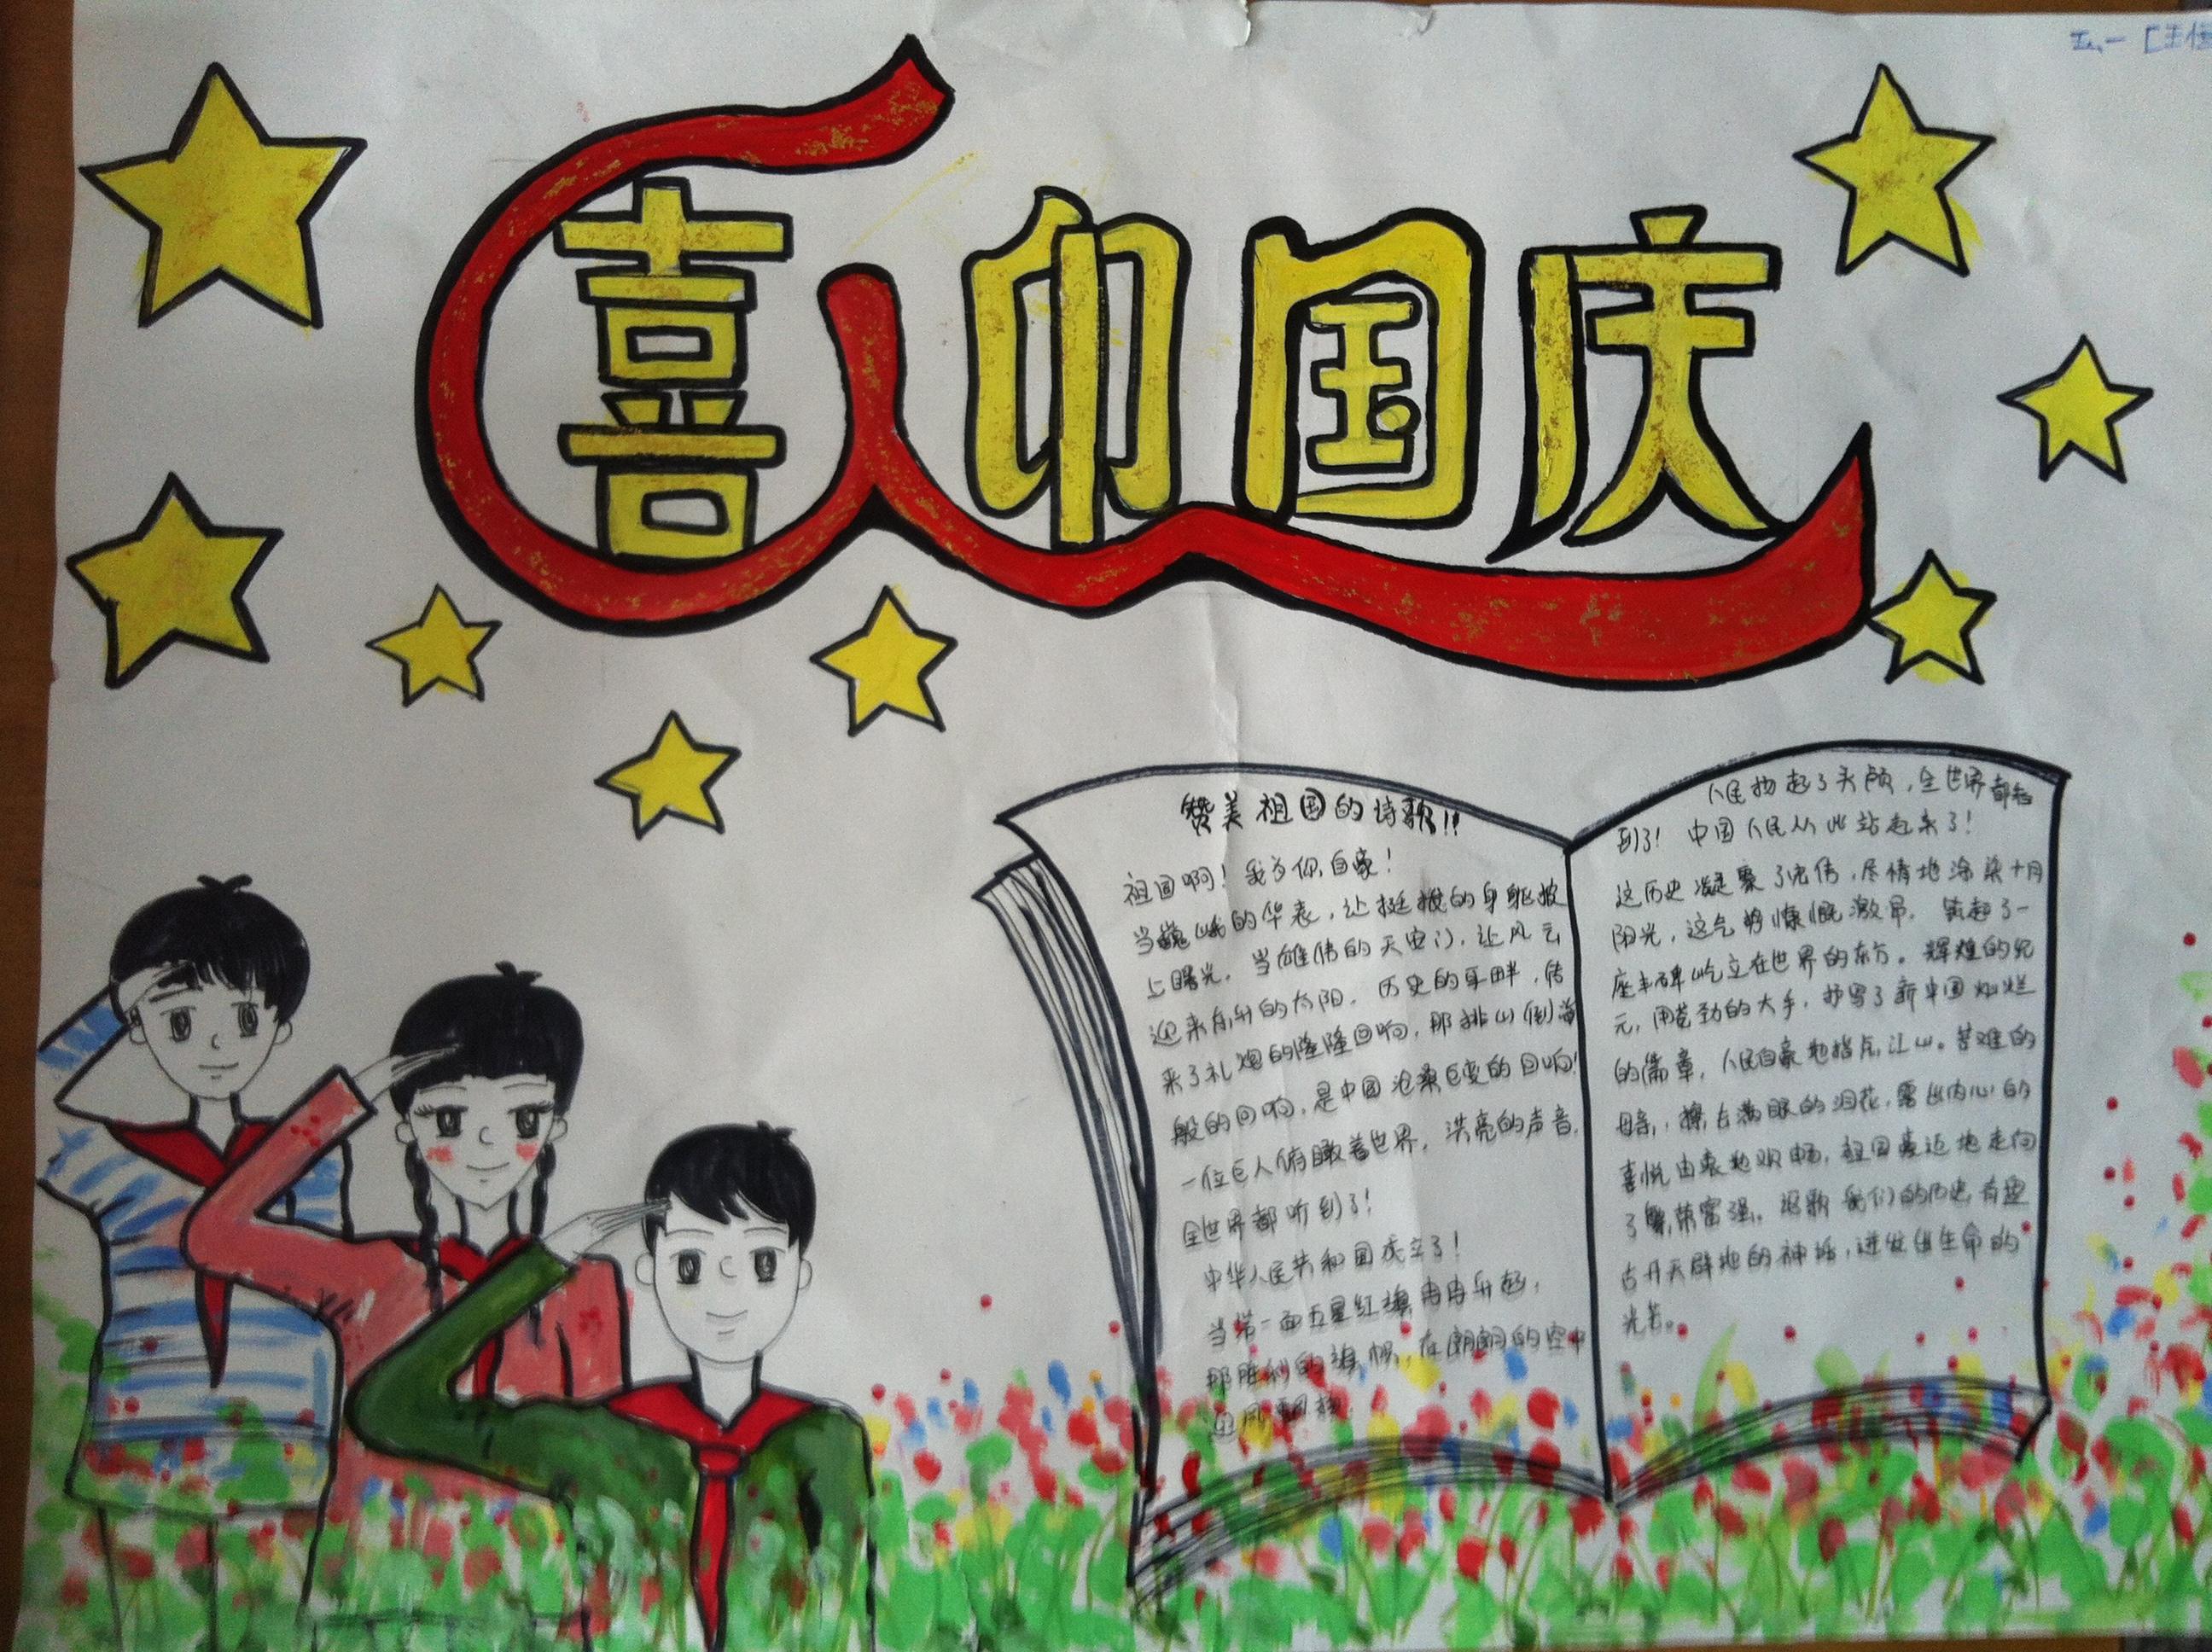 庆国庆手抄报 - 案例上传 - 活动 - 未来网红领巾集结